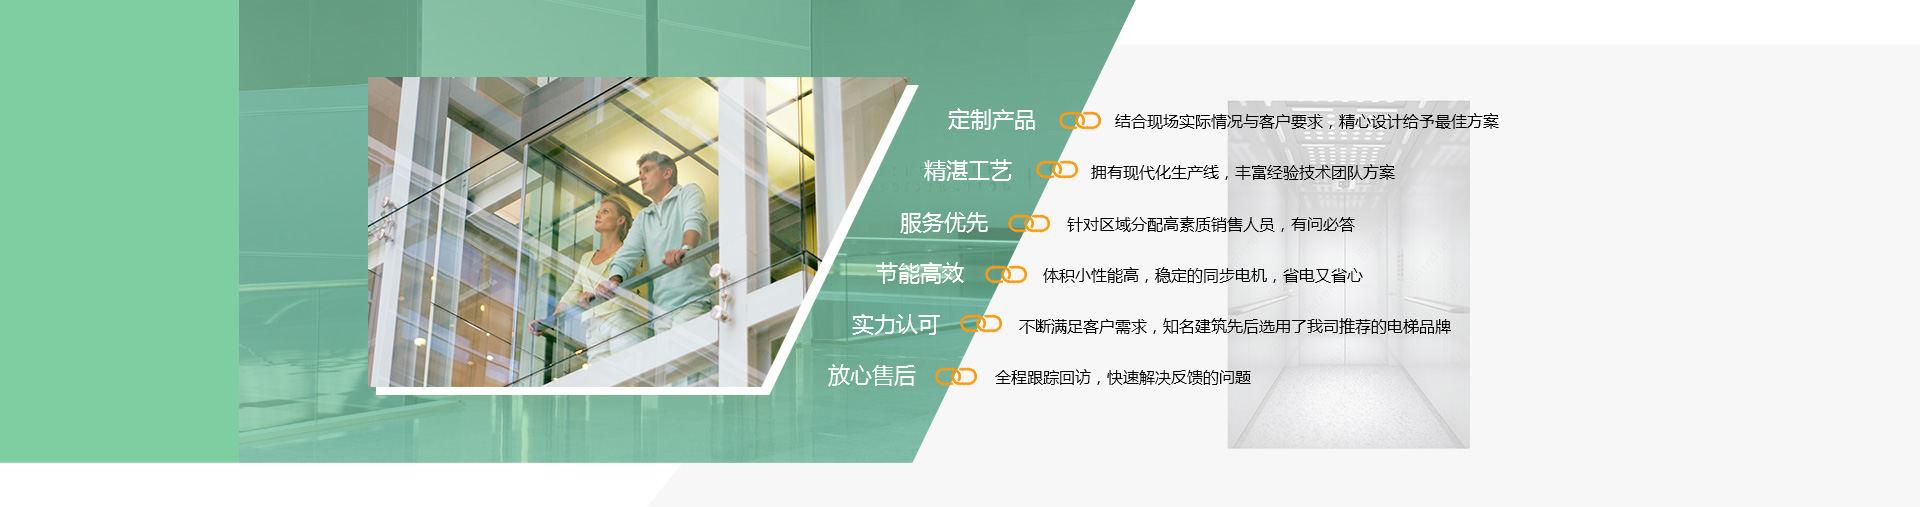 雷竞技app下载官方版iso_18.jpg